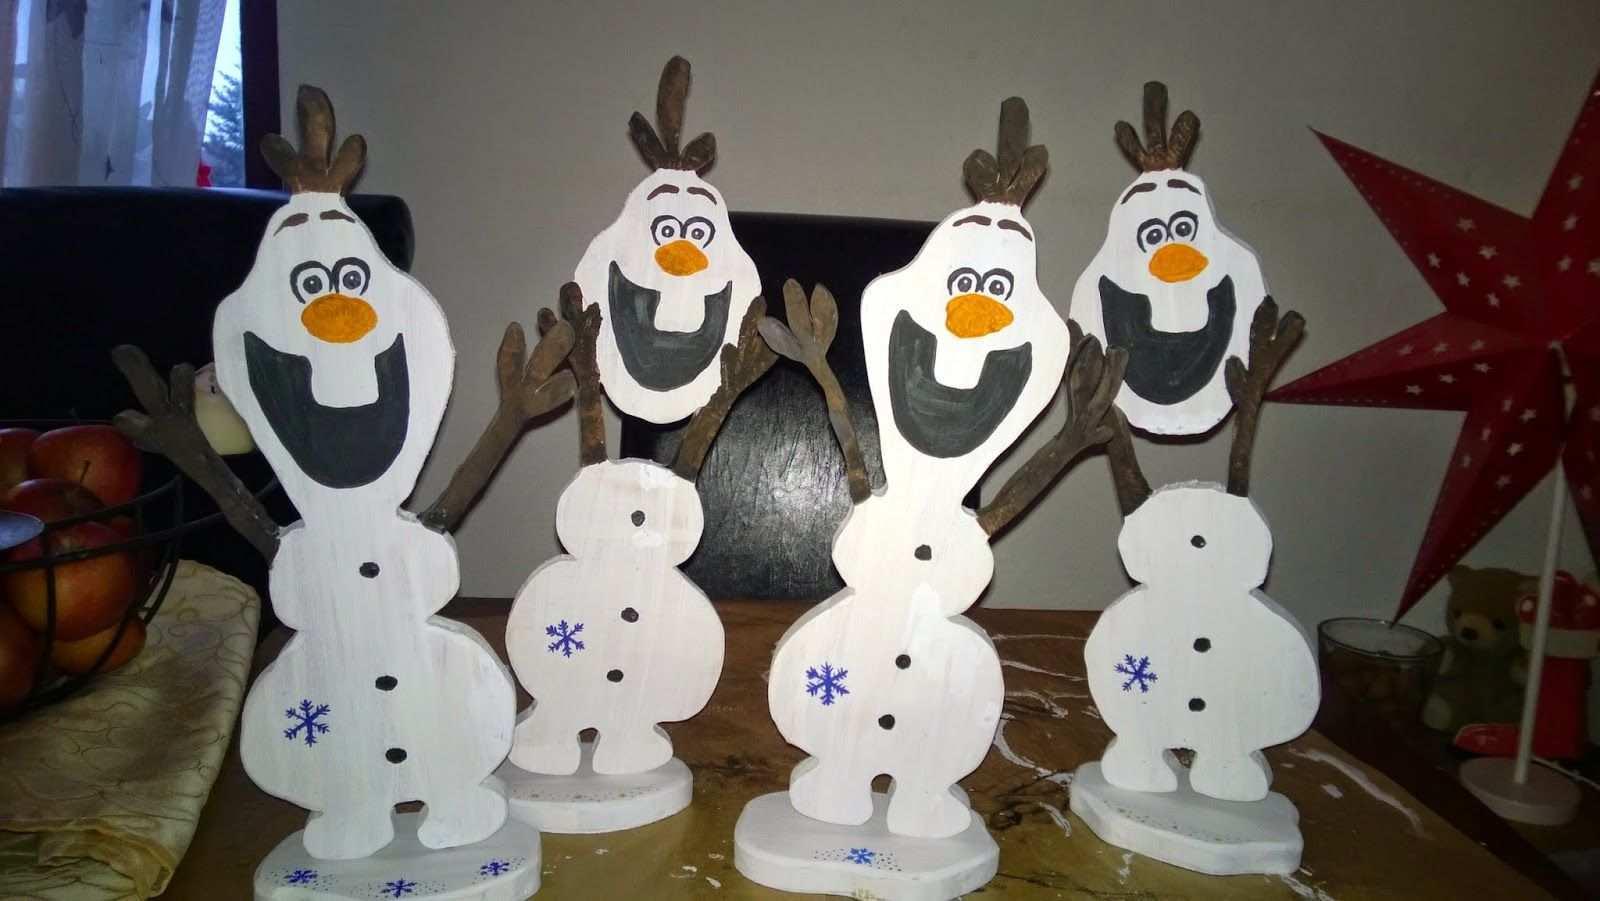 Holz Laubsage Diy Gebastelt Basteln Olaf Eiskonigin Laubsage Vorlagen Weihnachten Olaf Basteln Basteln Weihnachten